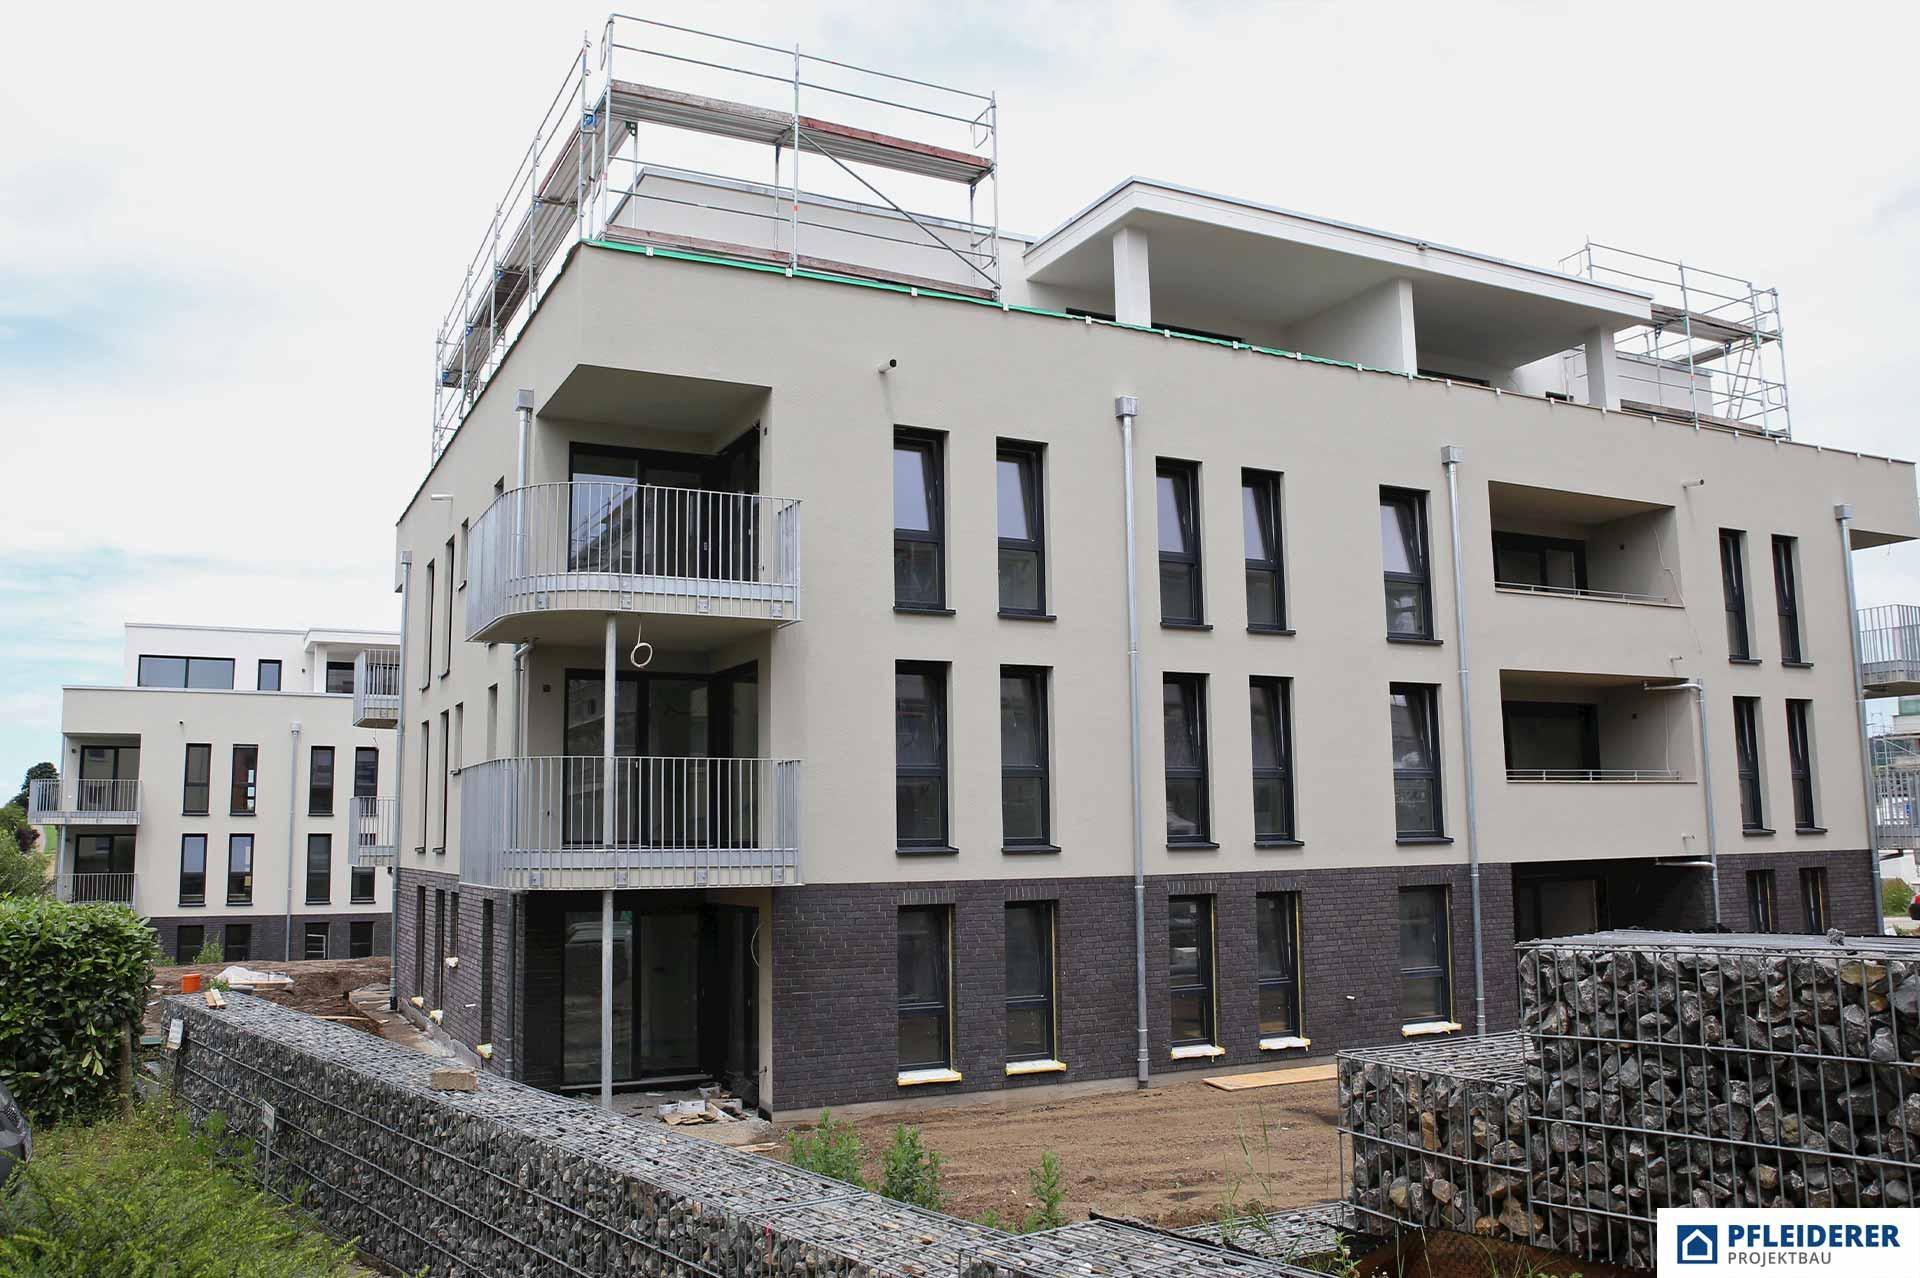 Pfleiderer Projektbau: Wohngebiet Happylife Adelsbach, Winnenden